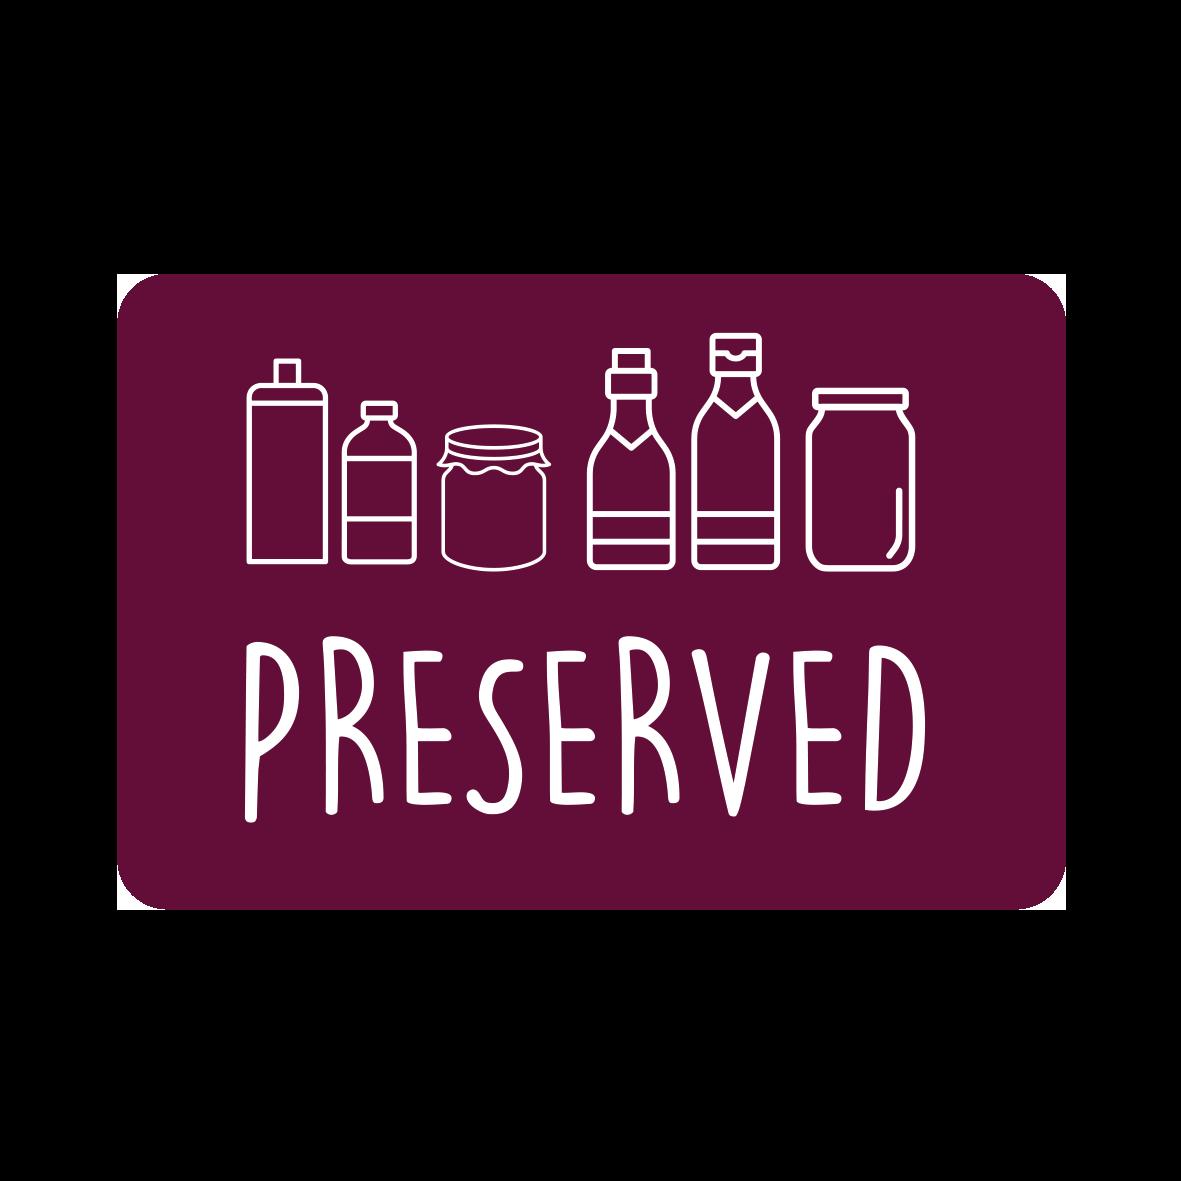 preserves_logo.png